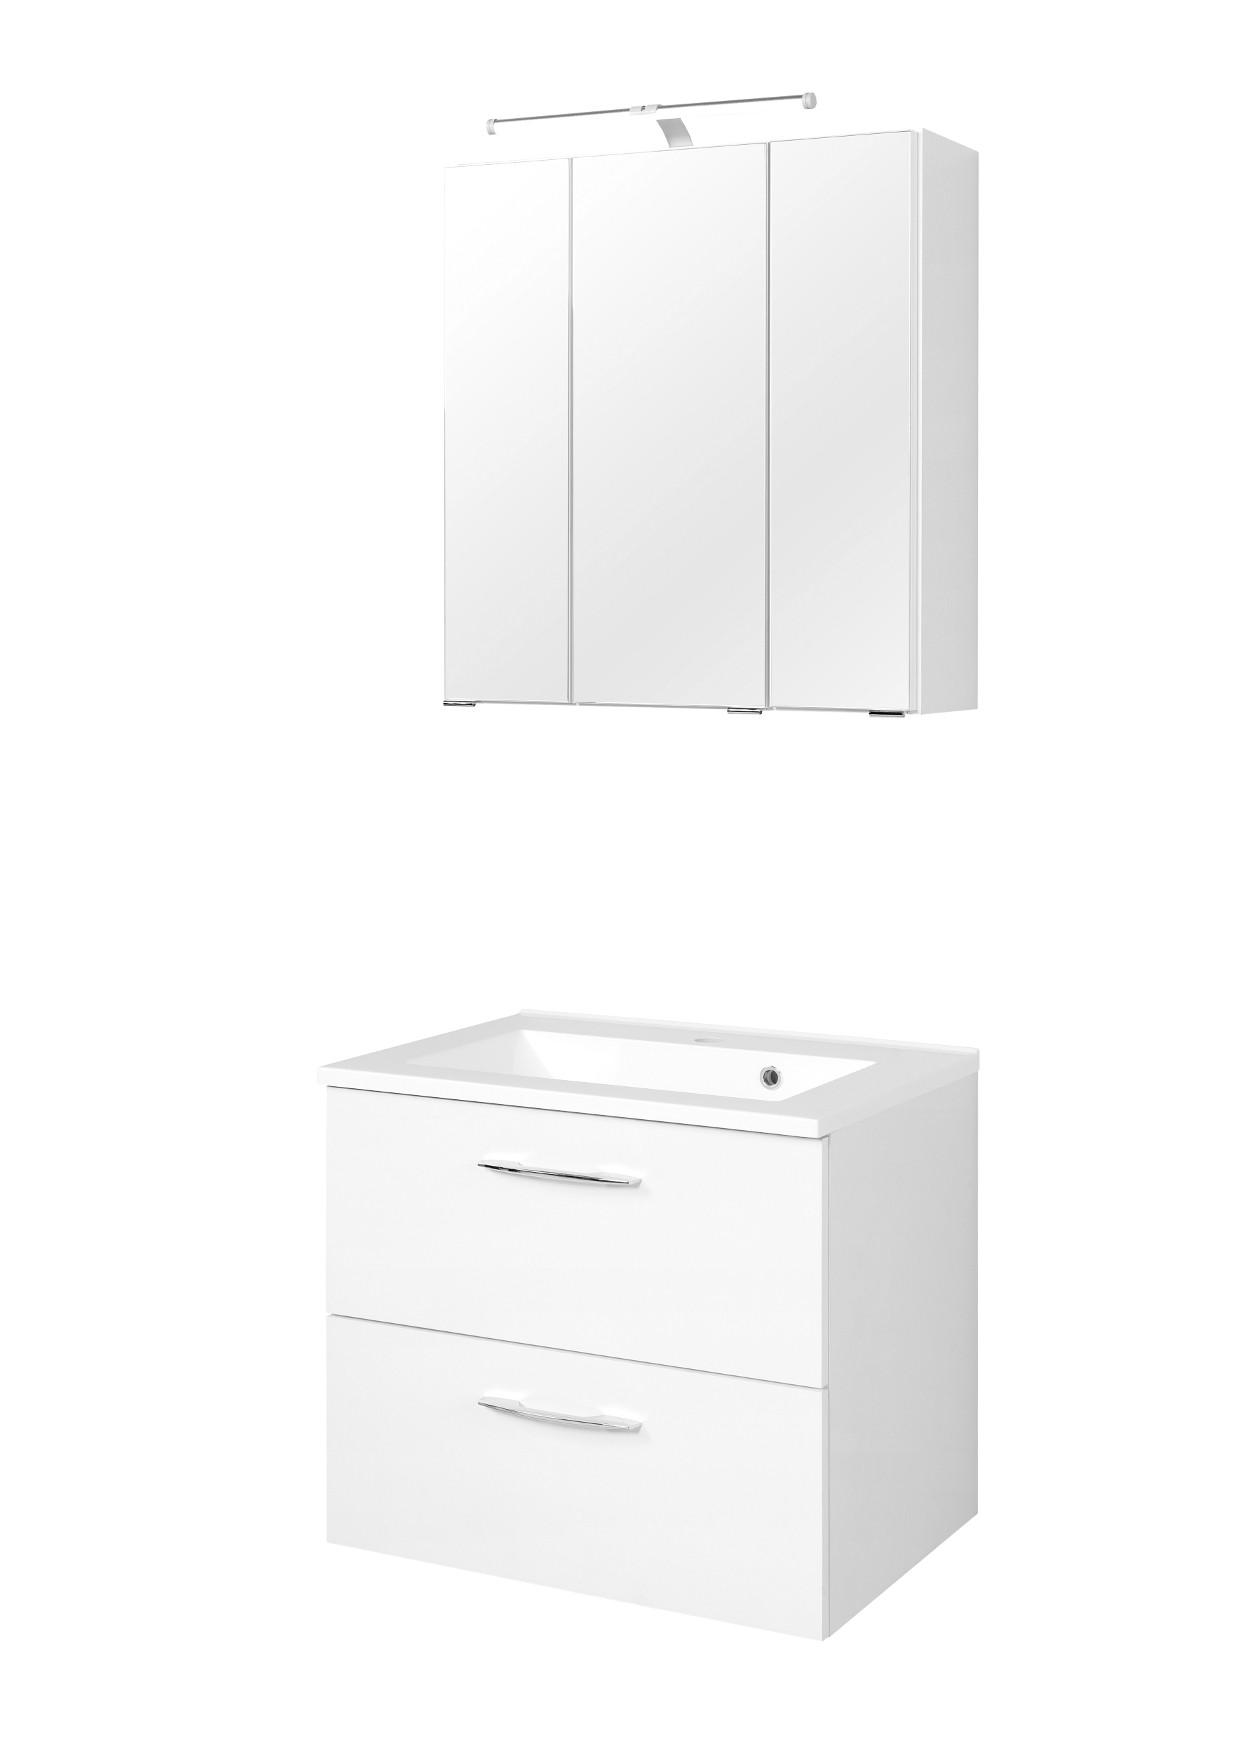 badm bel set portofino mit waschtisch 4 teilig 60 cm breit wei bad badm belsets. Black Bedroom Furniture Sets. Home Design Ideas